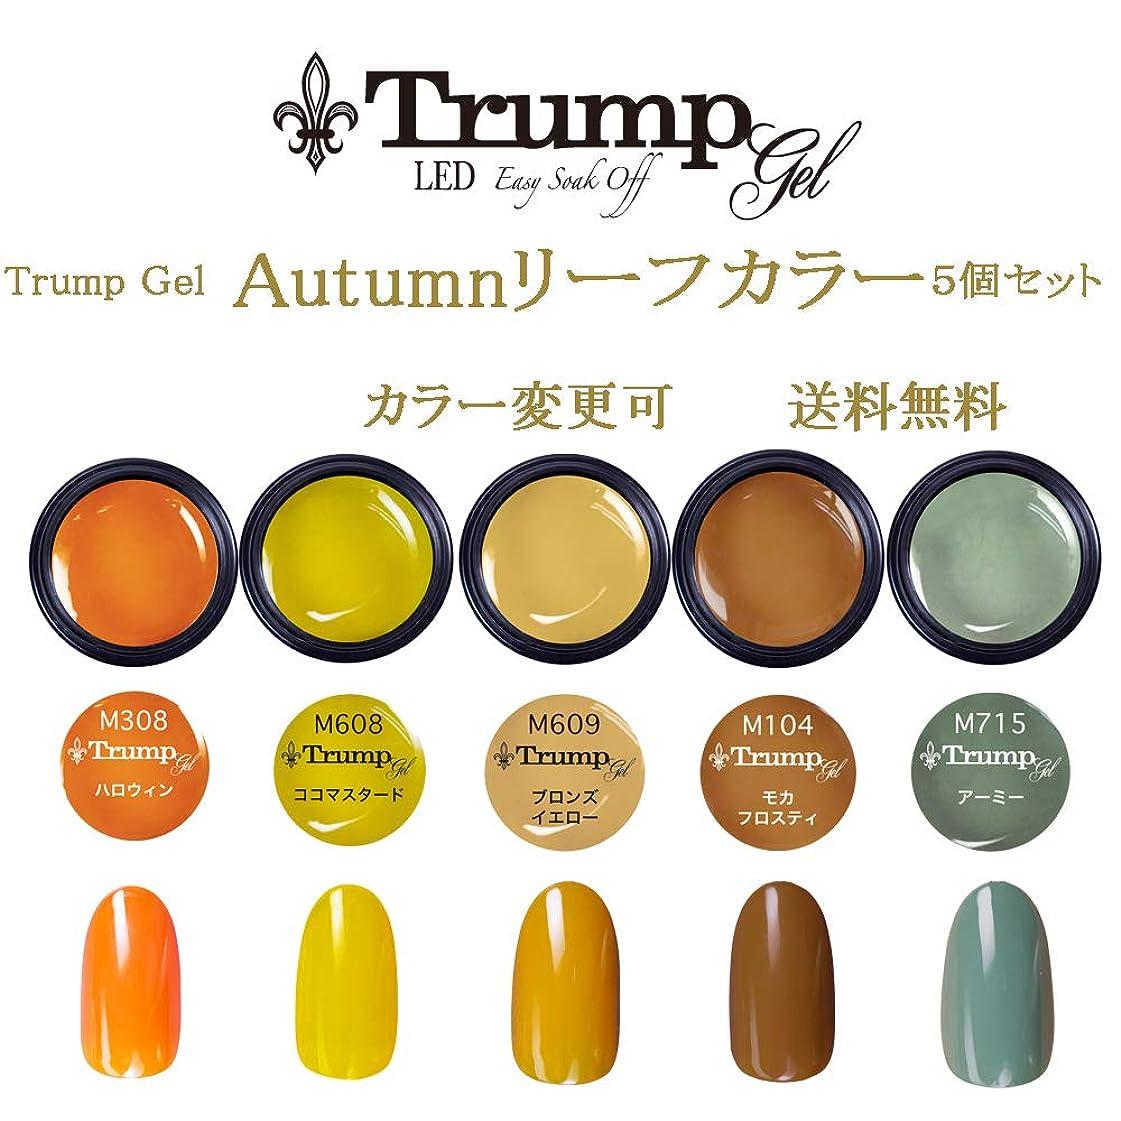 取り壊す彼丈夫【送料無料】日本製 Trump gel トランプジェル オータムリーフカラー 選べる カラージェル 5個セット オータムネイル ベージュ ブラウン マスタード カラー